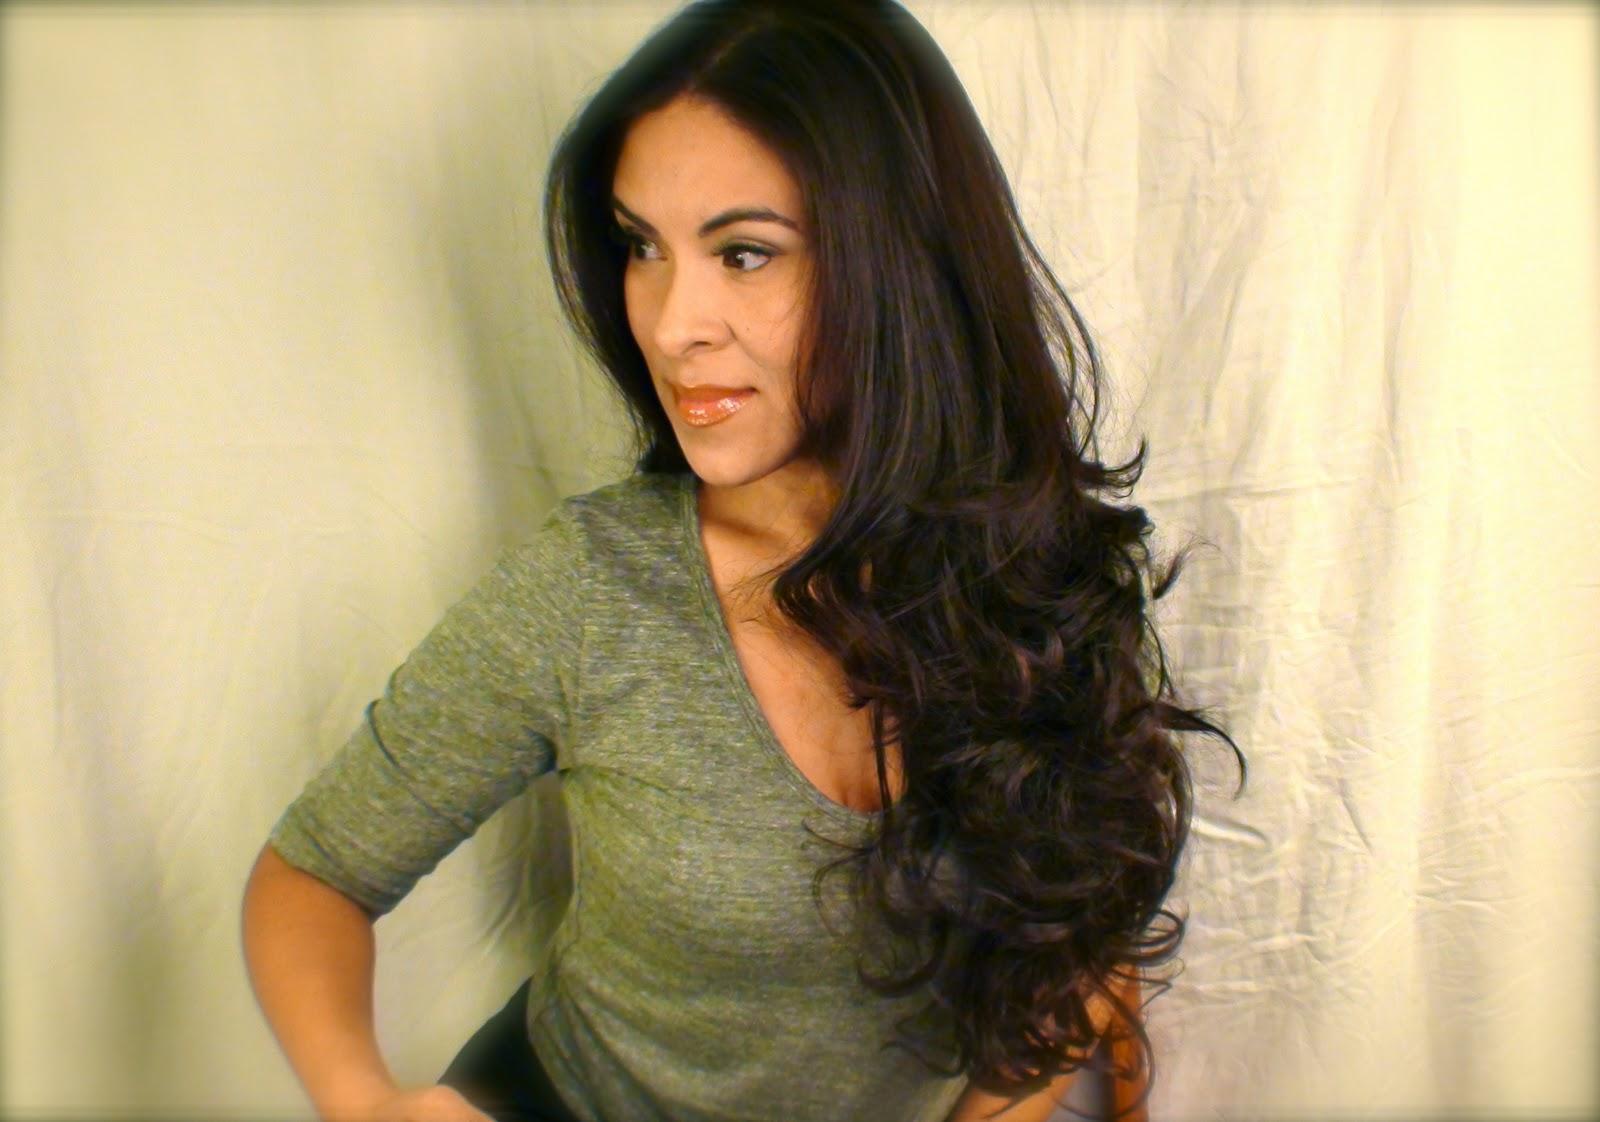 Natural Makeup New 70 Adriana Lima Natural Makeup Look